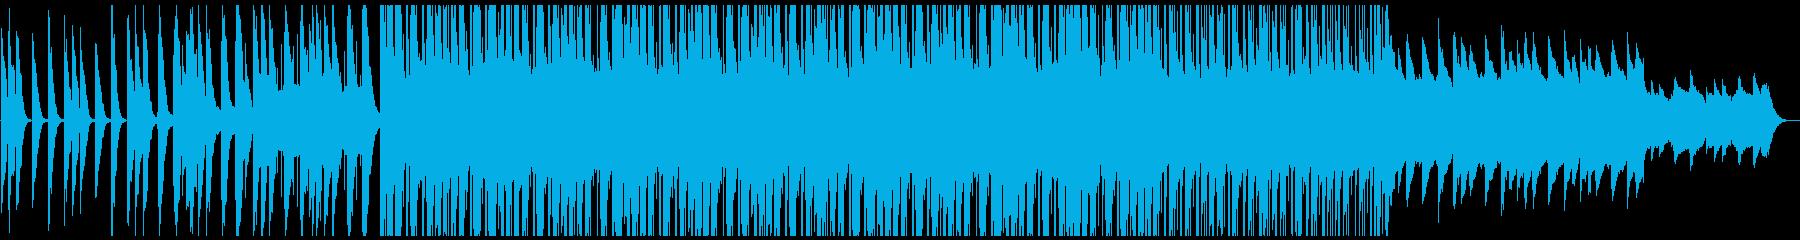 幻想的でのれる電子音楽の再生済みの波形